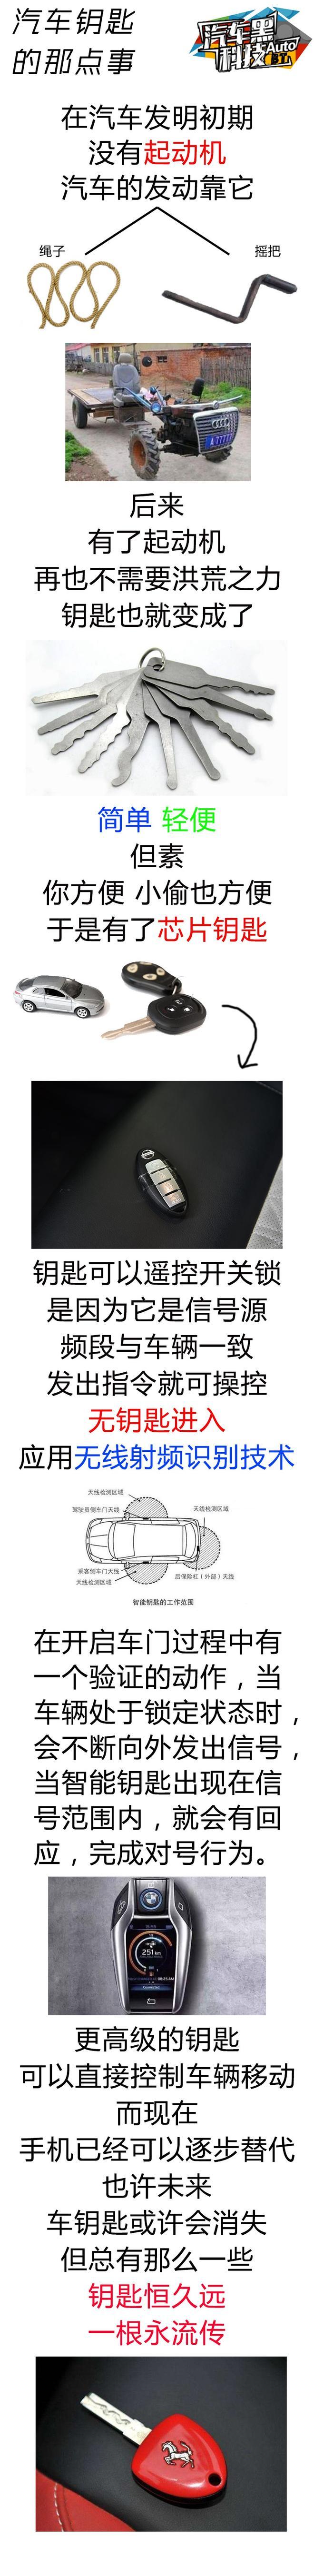 原始or智能 你的车钥匙停留在哪一代